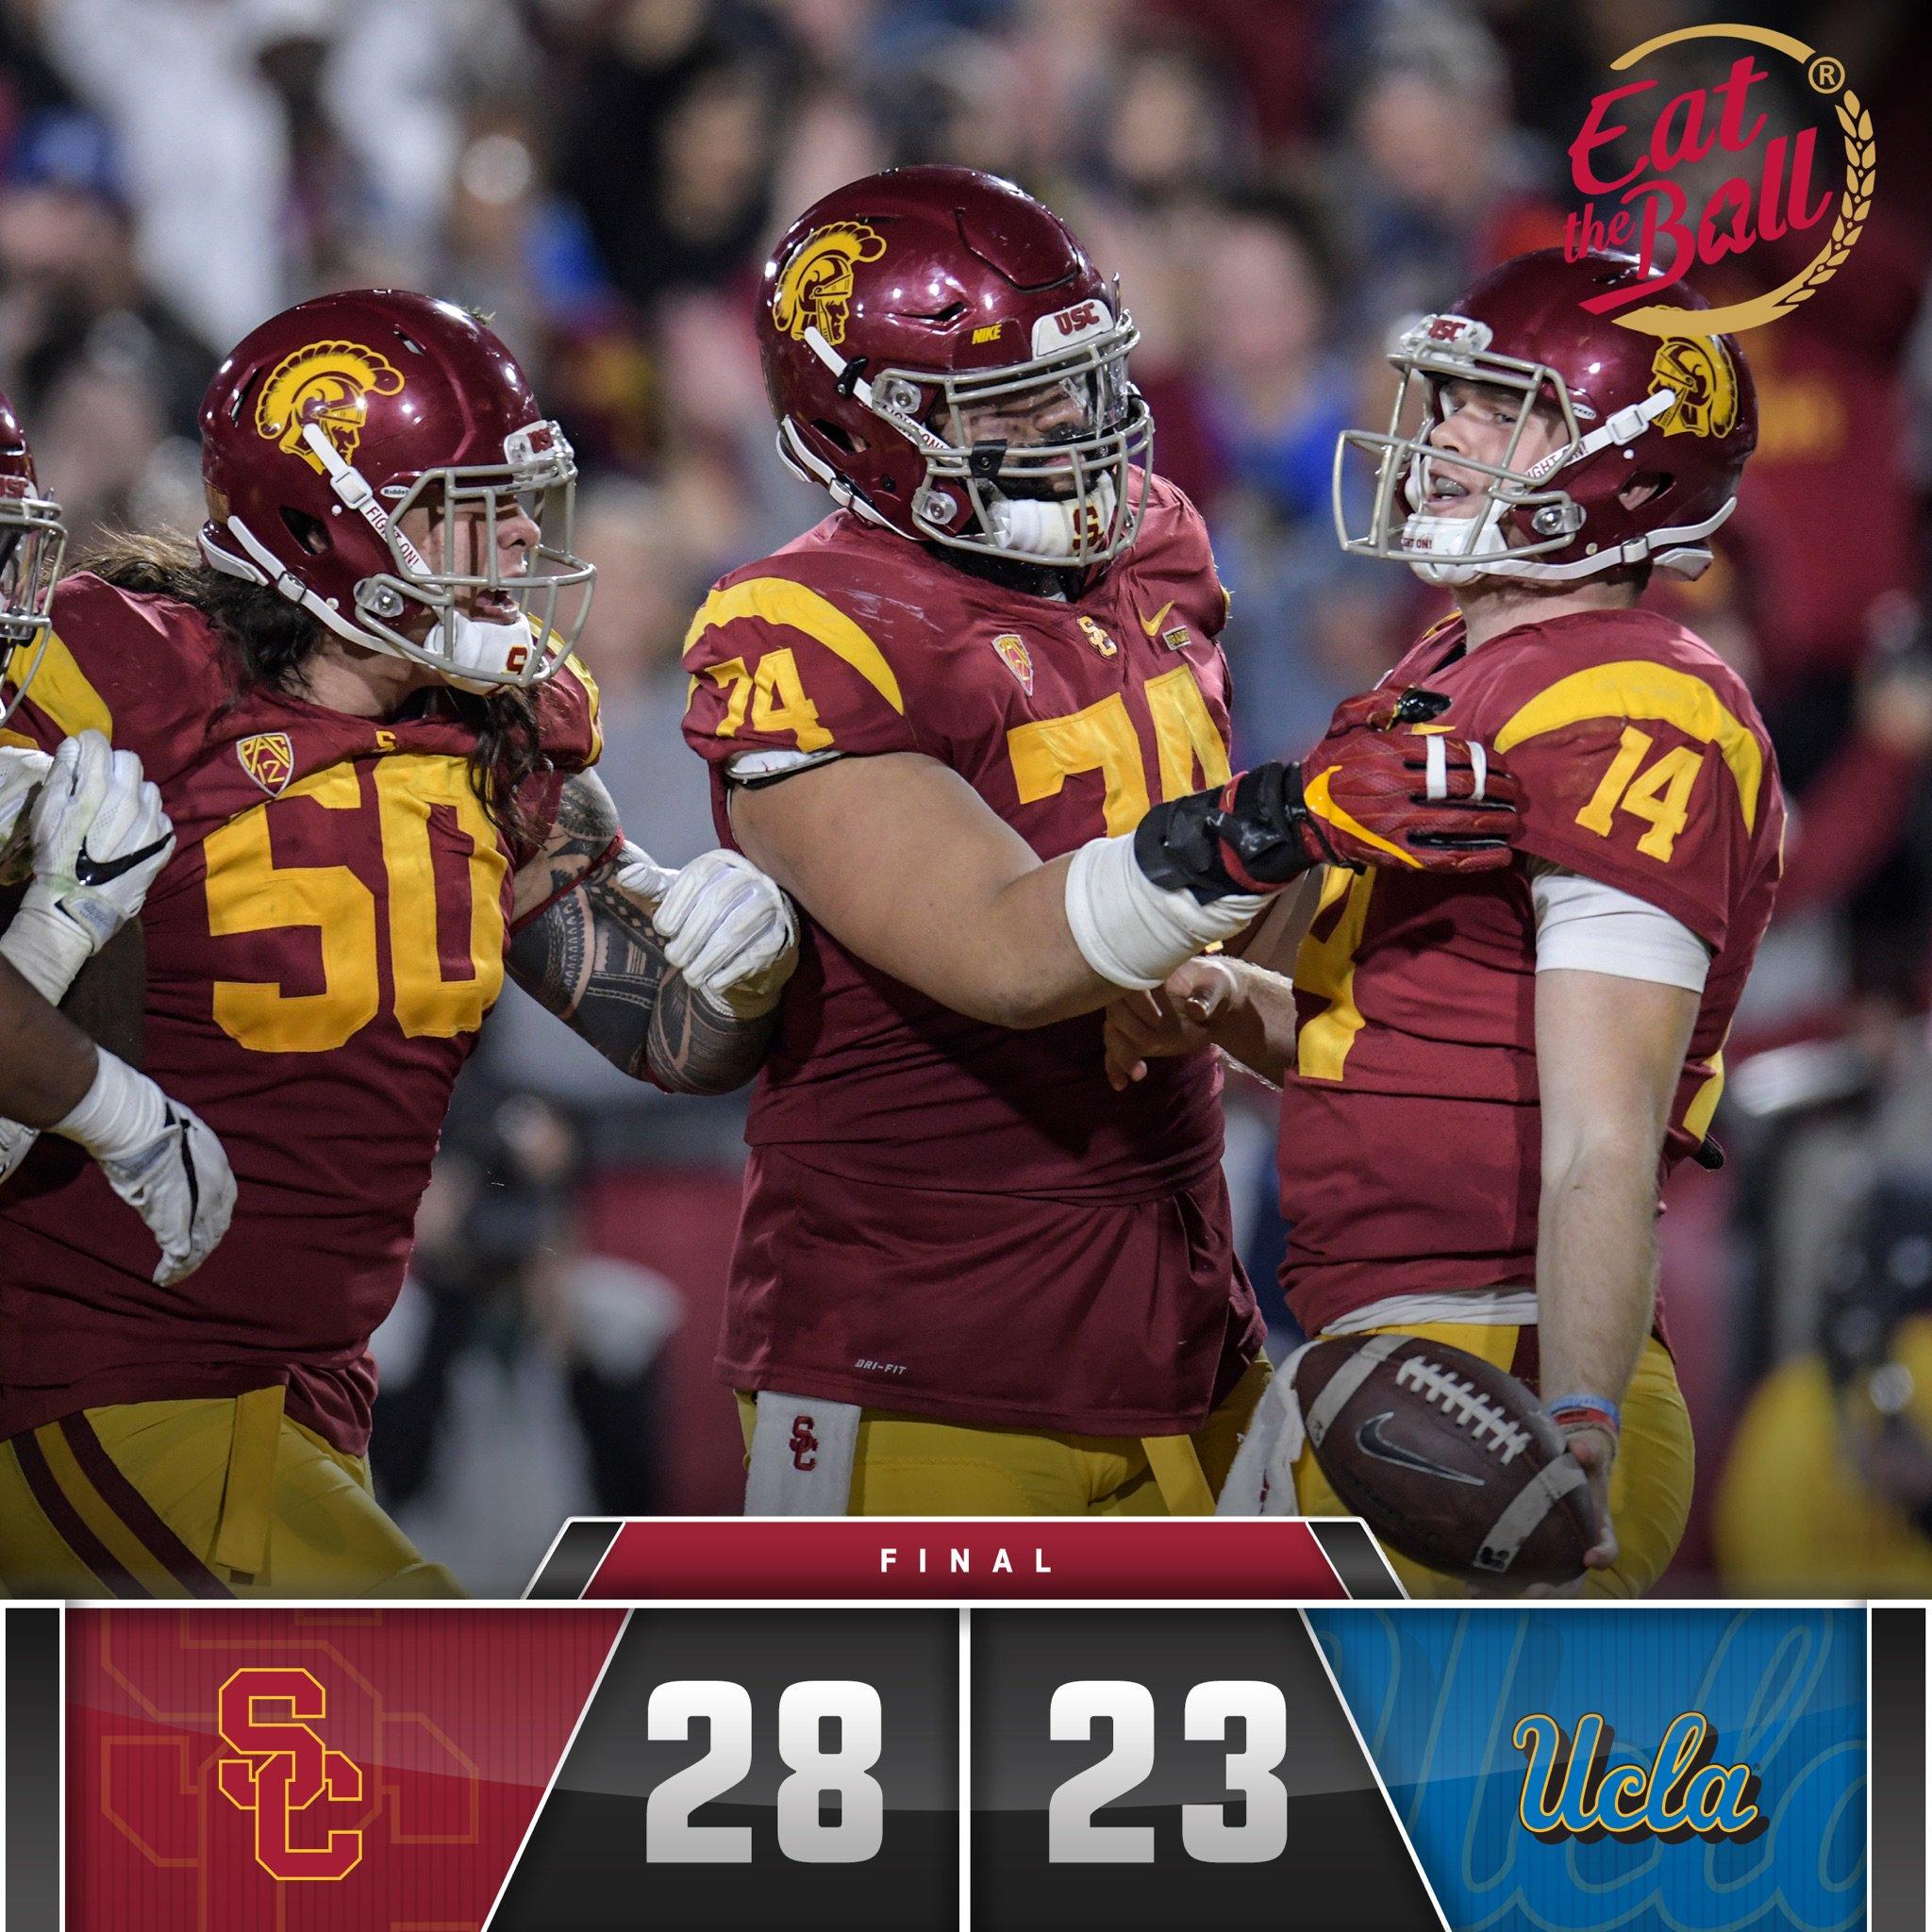 USC derrota UCLA por 28 a 23